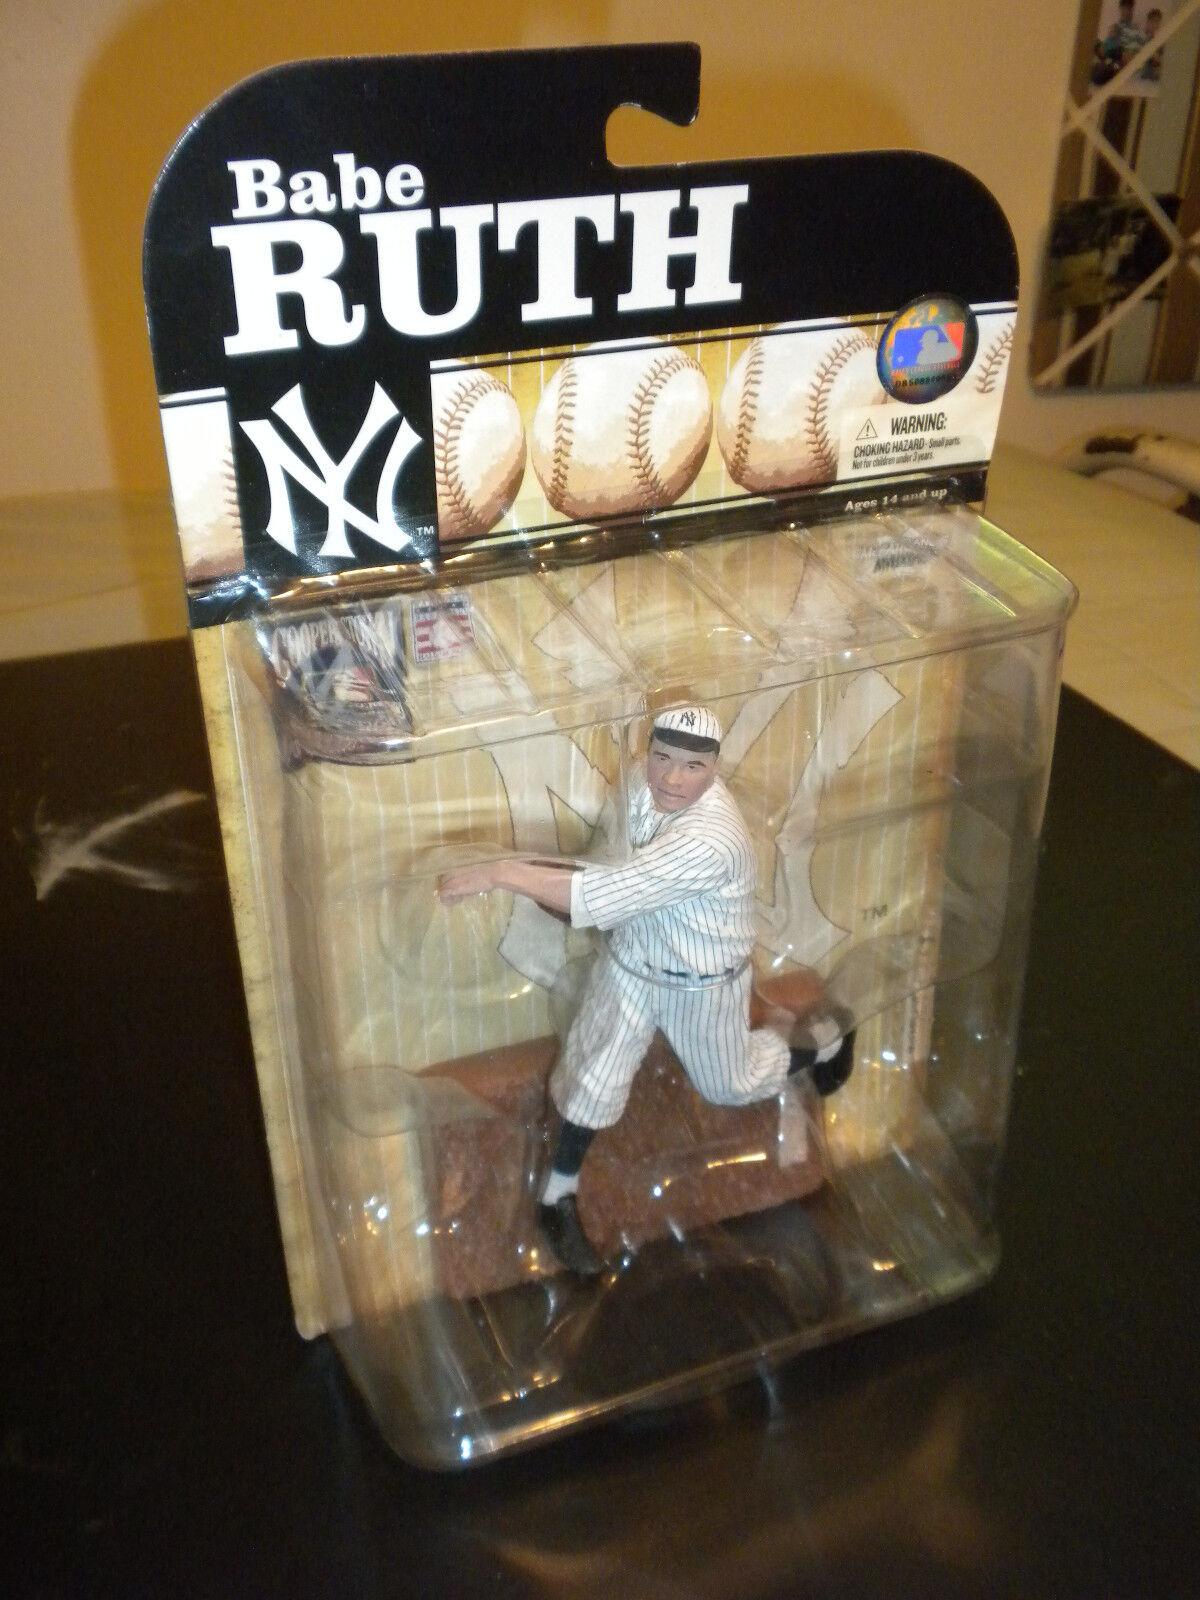 McFarlane Babe Ruth Ruth Ruth  Action Figure 6a54b5